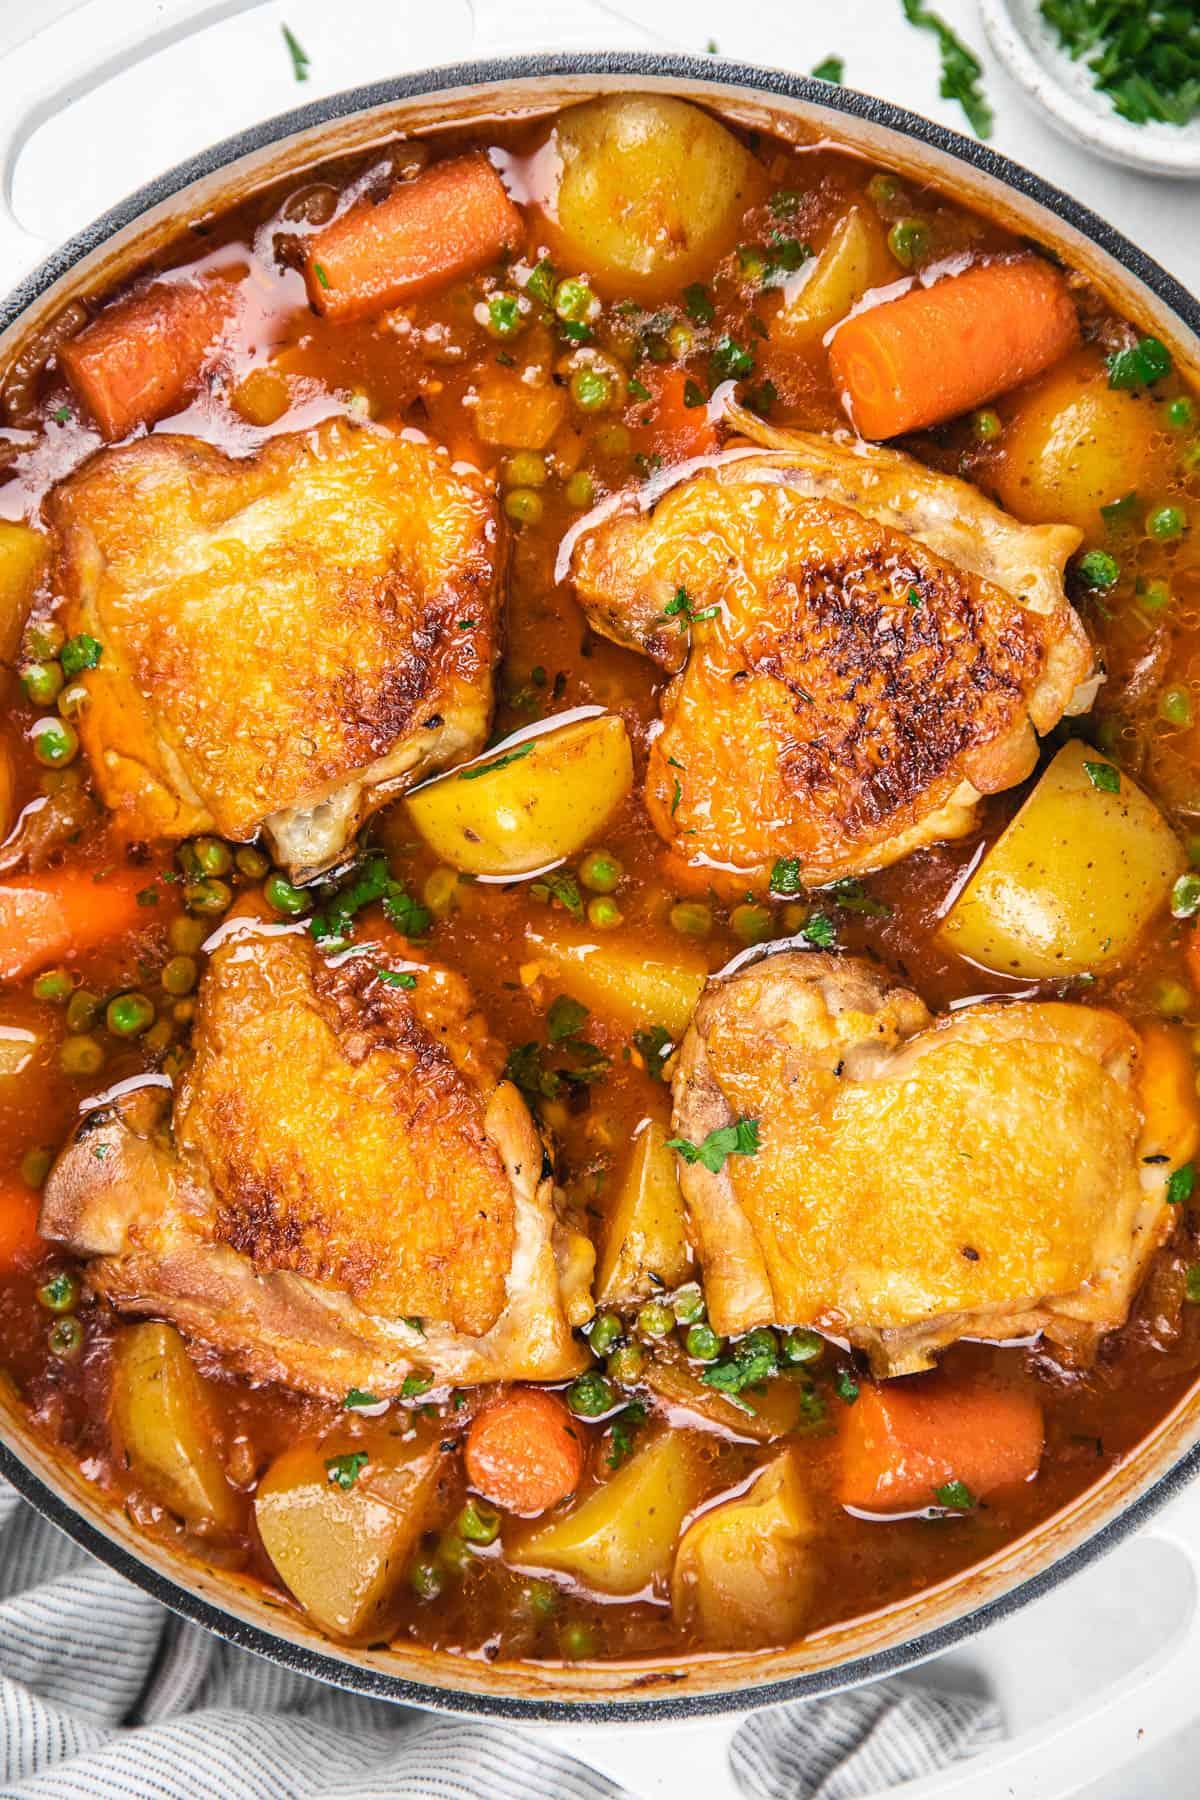 Chicken stew in a white casserole dish.